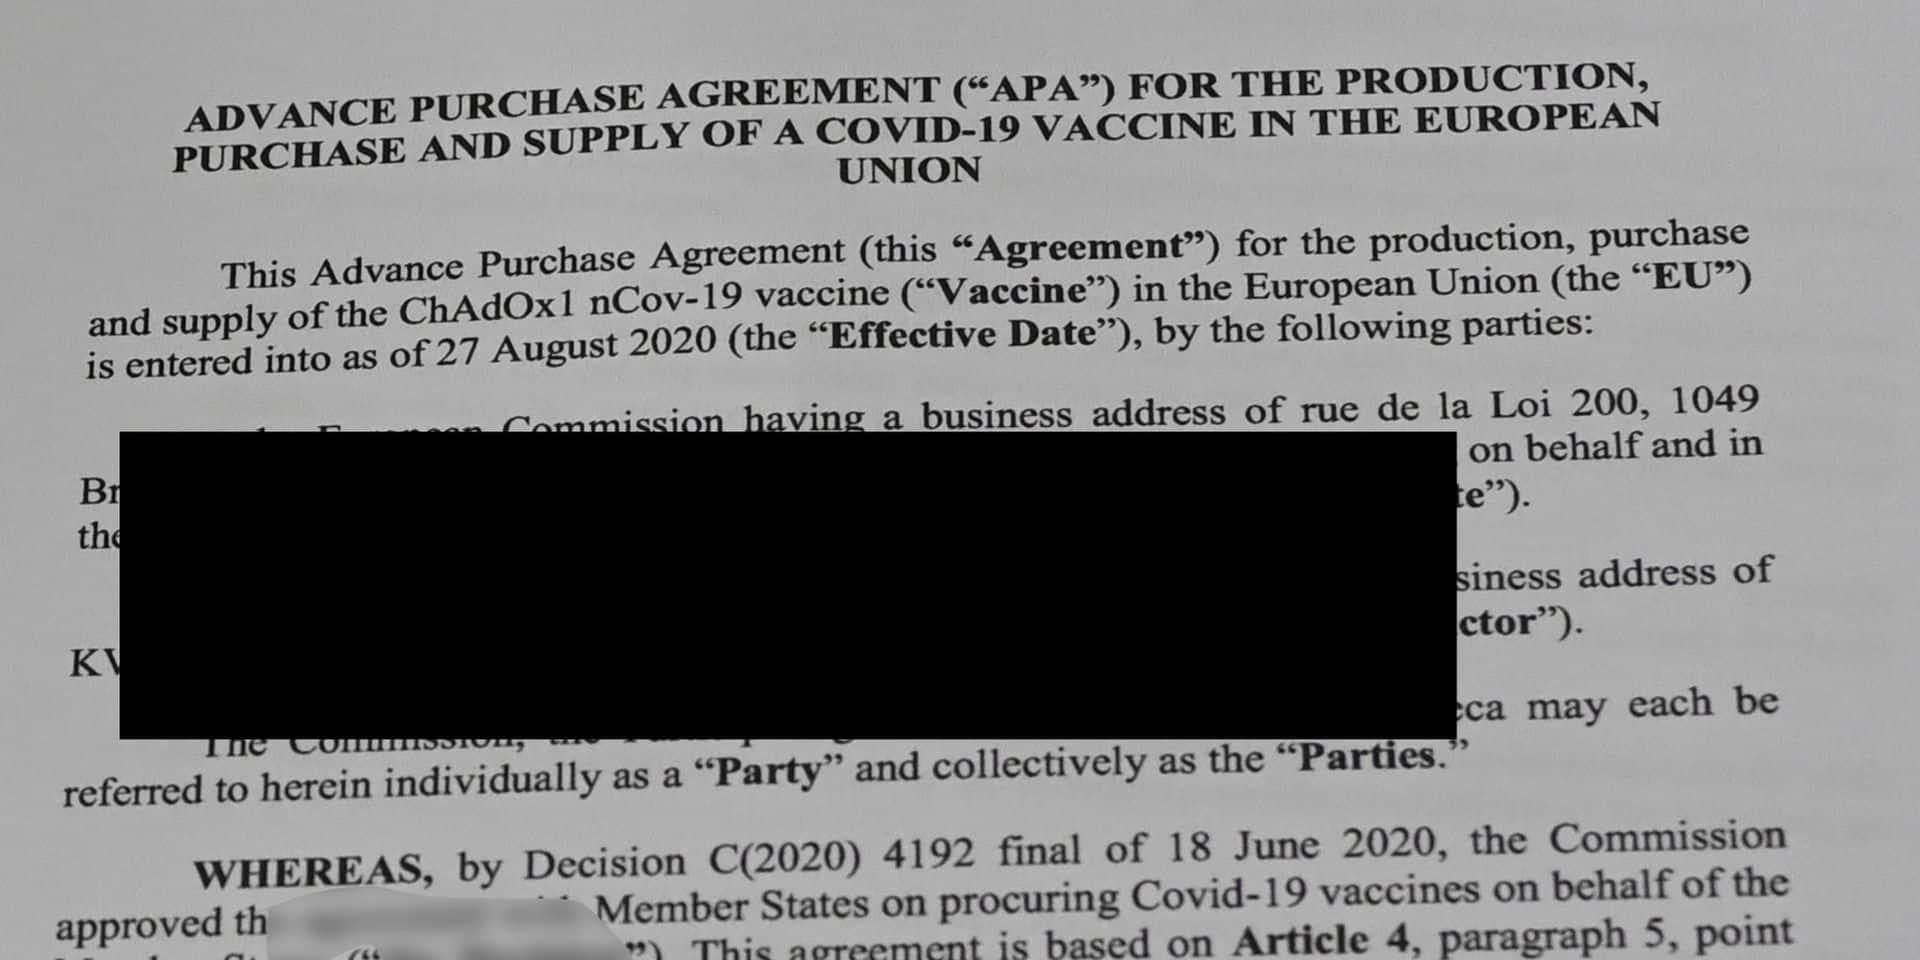 Un simple logiciel permet de dévoiler les passages sensibles du contrat entre la Commission européenne et AstraZeneca !